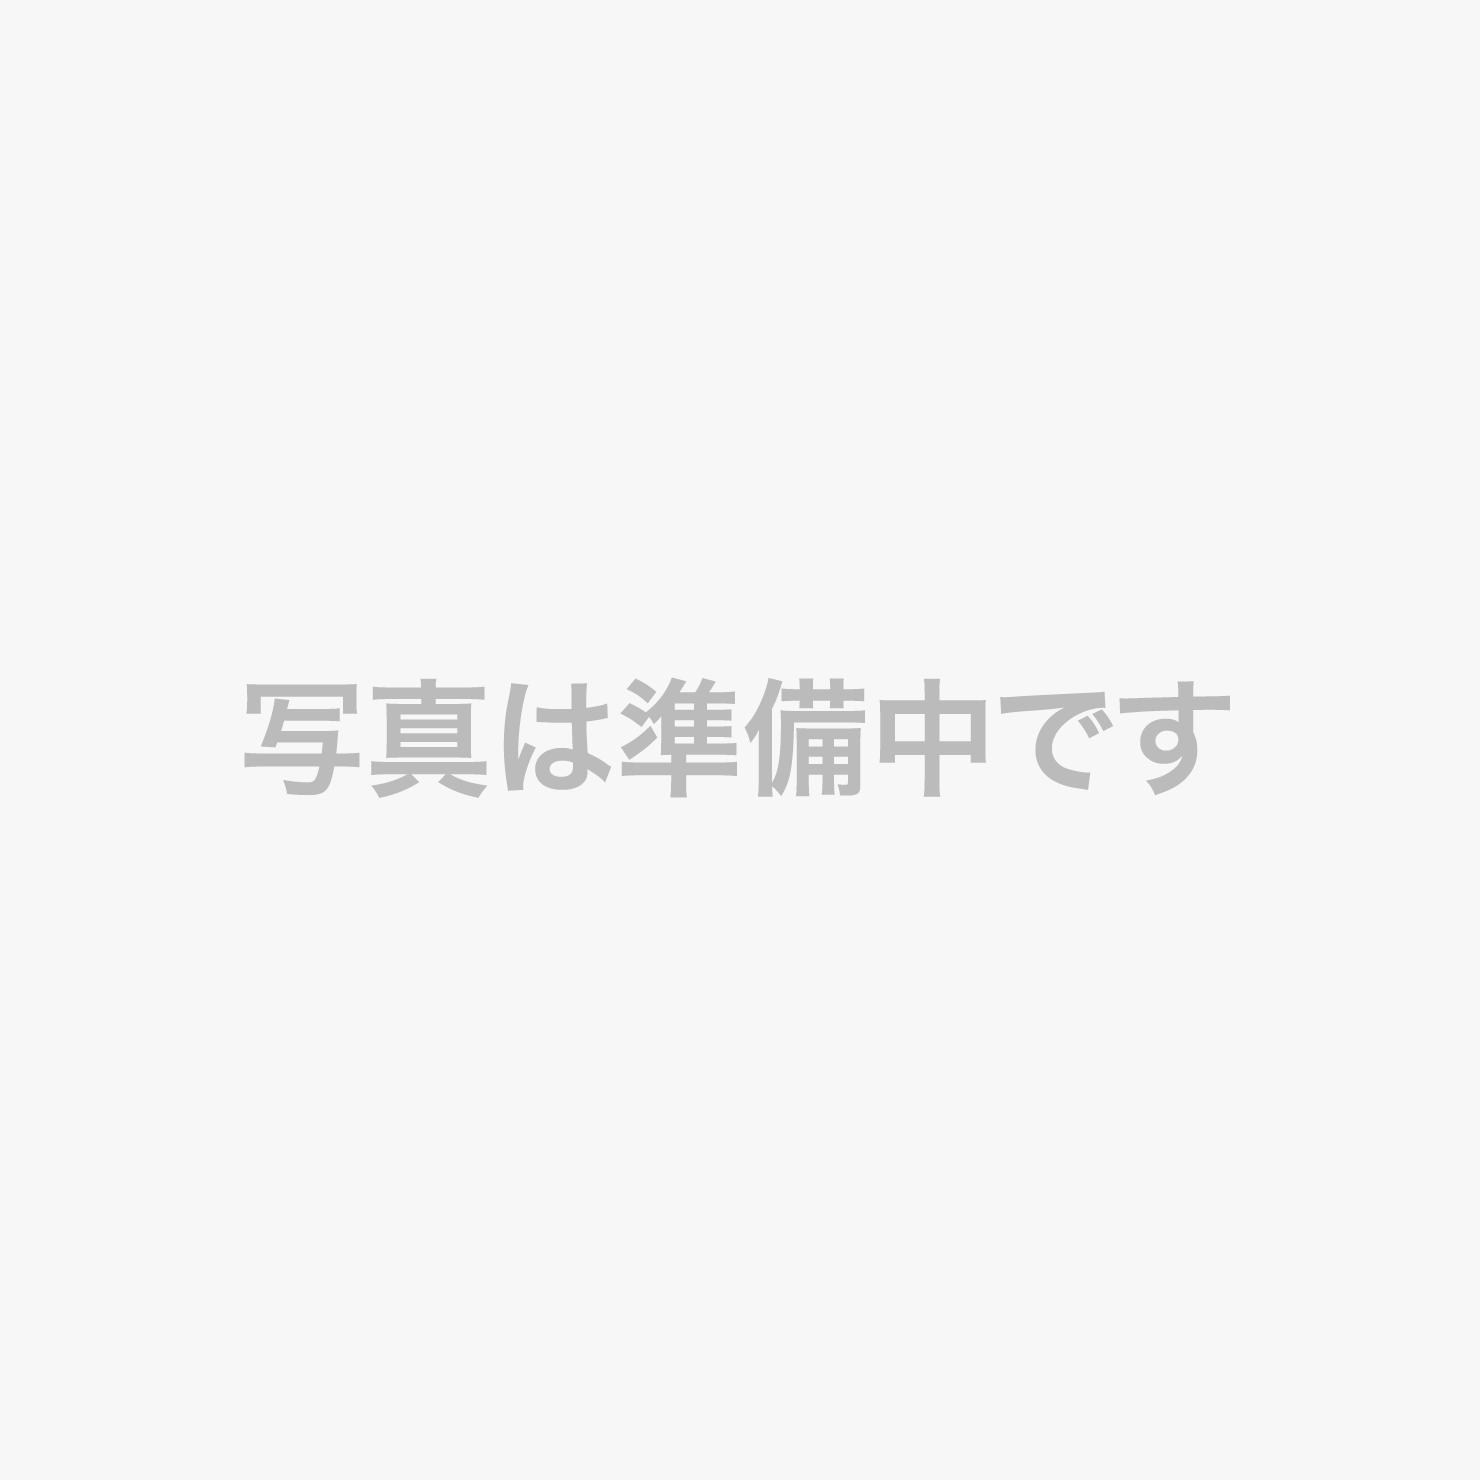 【大浴場】24時間利用可能なゆとりの広さの大浴場「春夏秋雪」